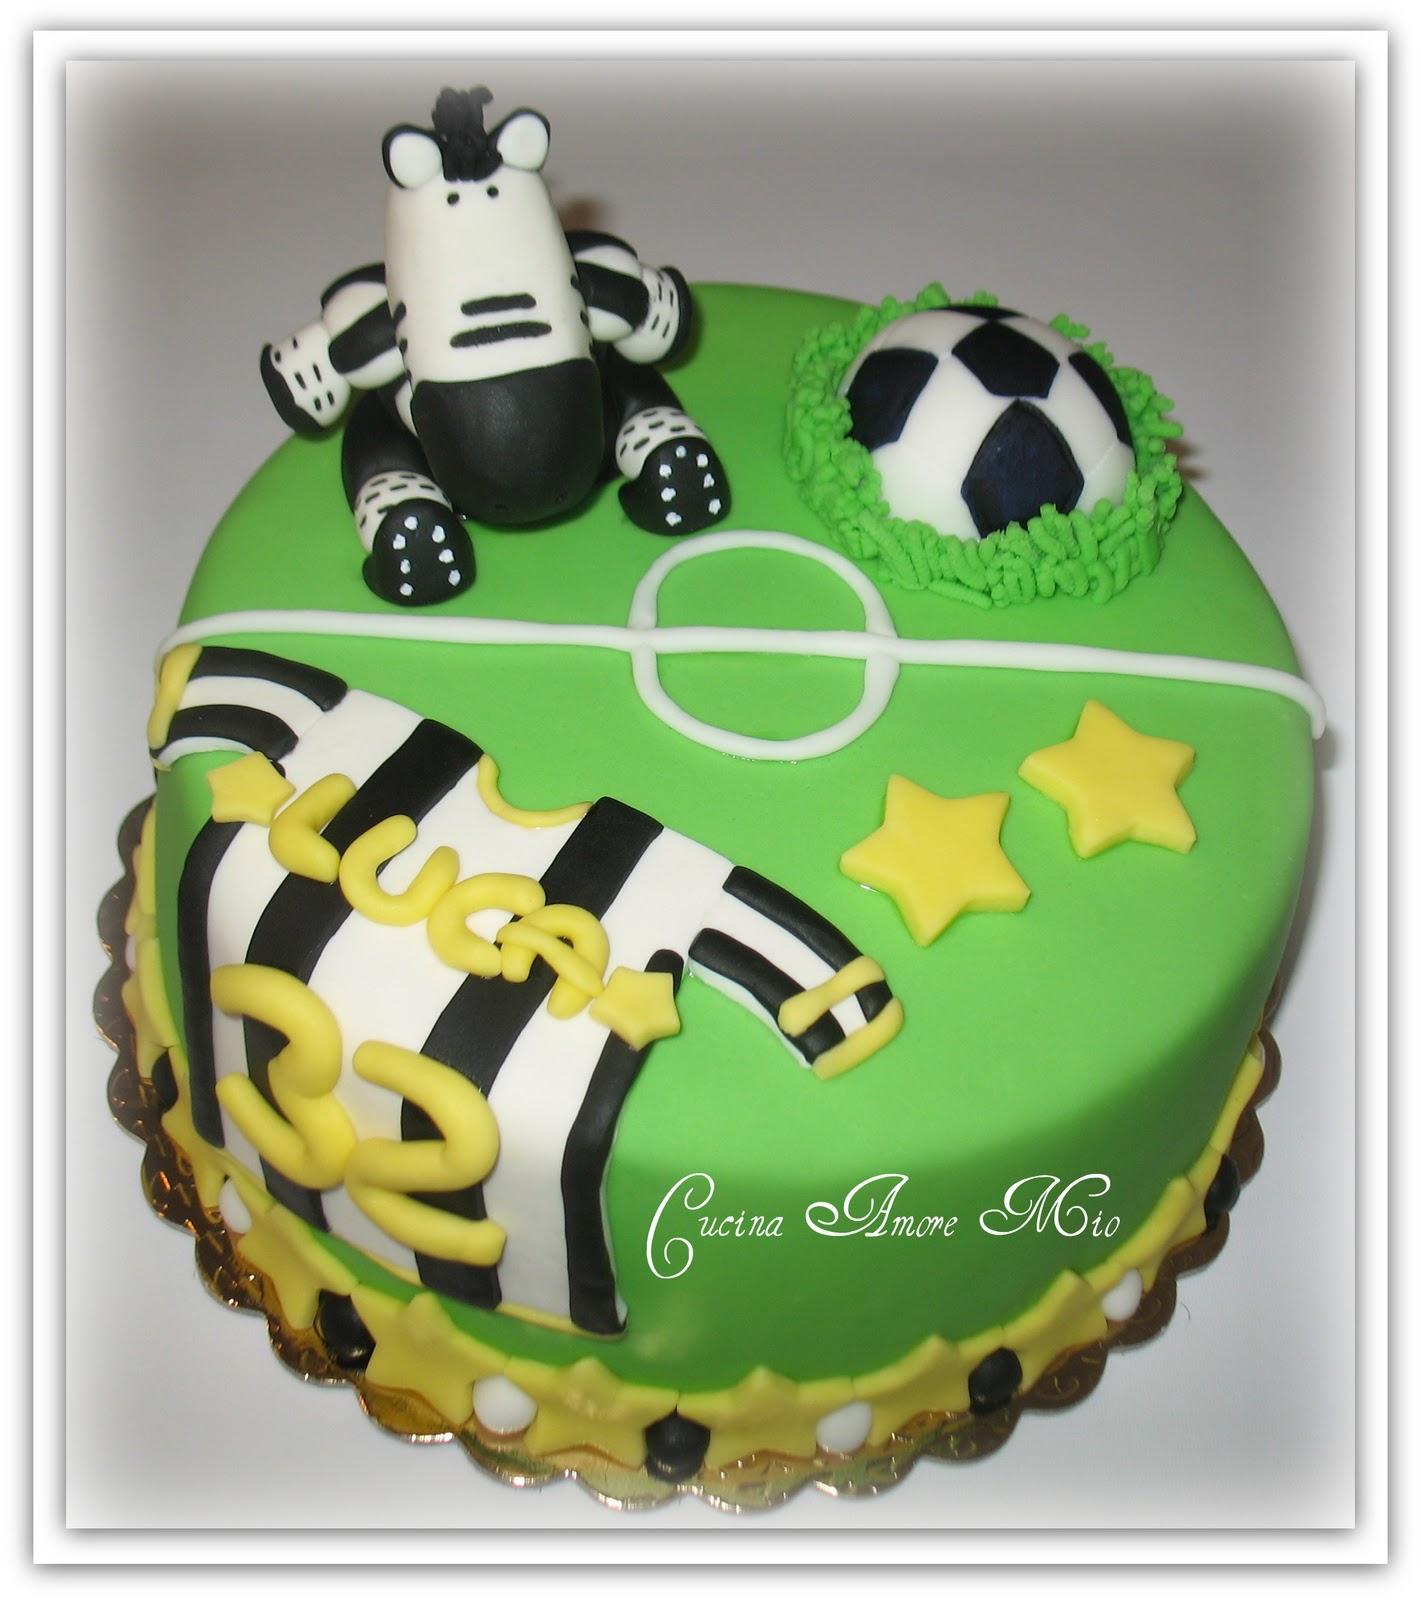 Immagini di torte per augurare buon compleanno fp48 for Torte di compleanno particolari per uomo